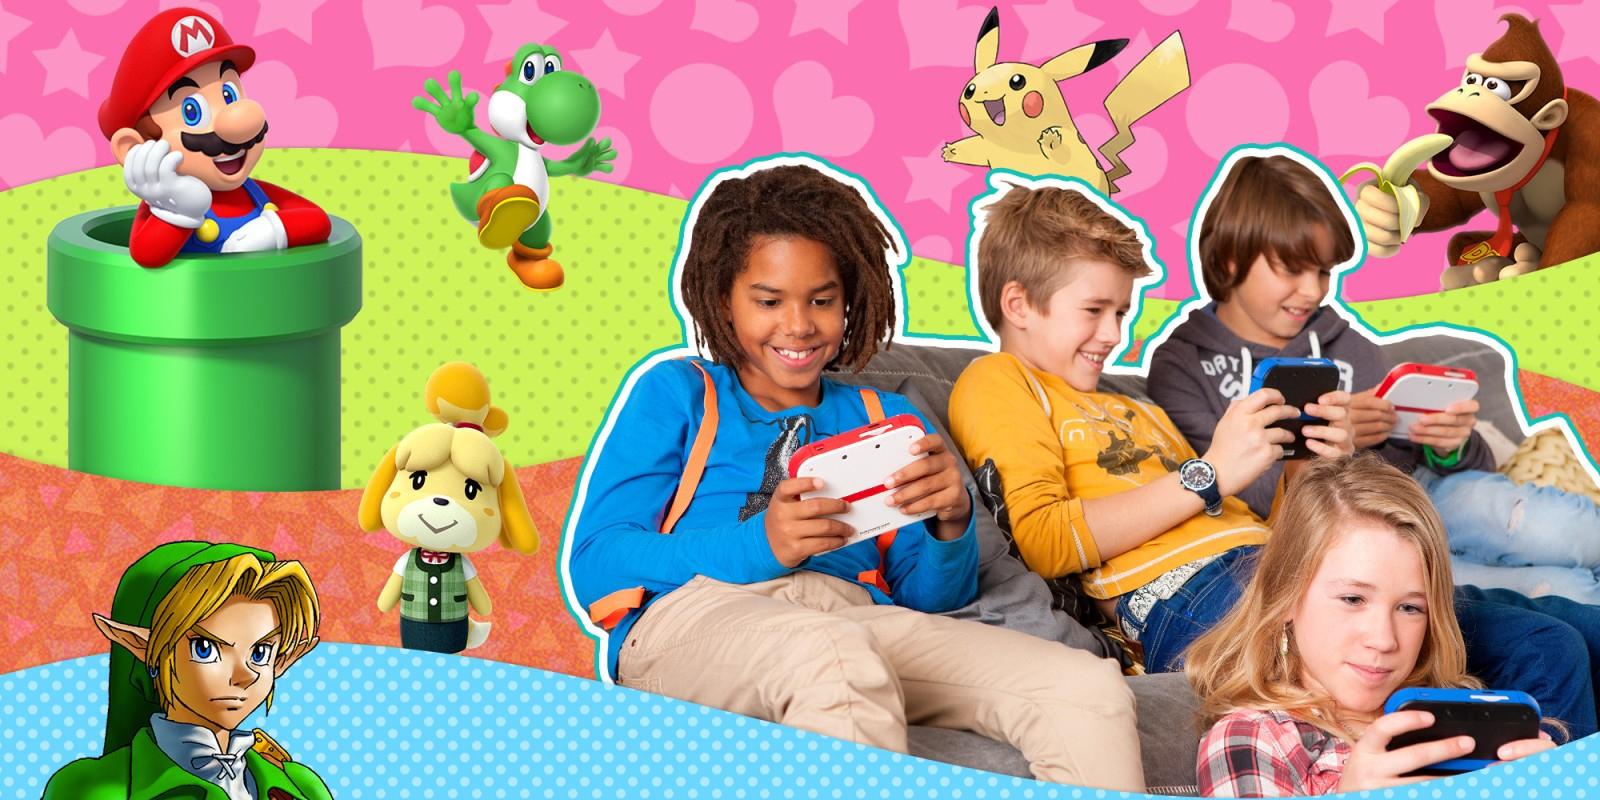 Jeux Nintendo Pour Les Enfants | Nintendo à Jeux Pour Garçon De 5 Ans